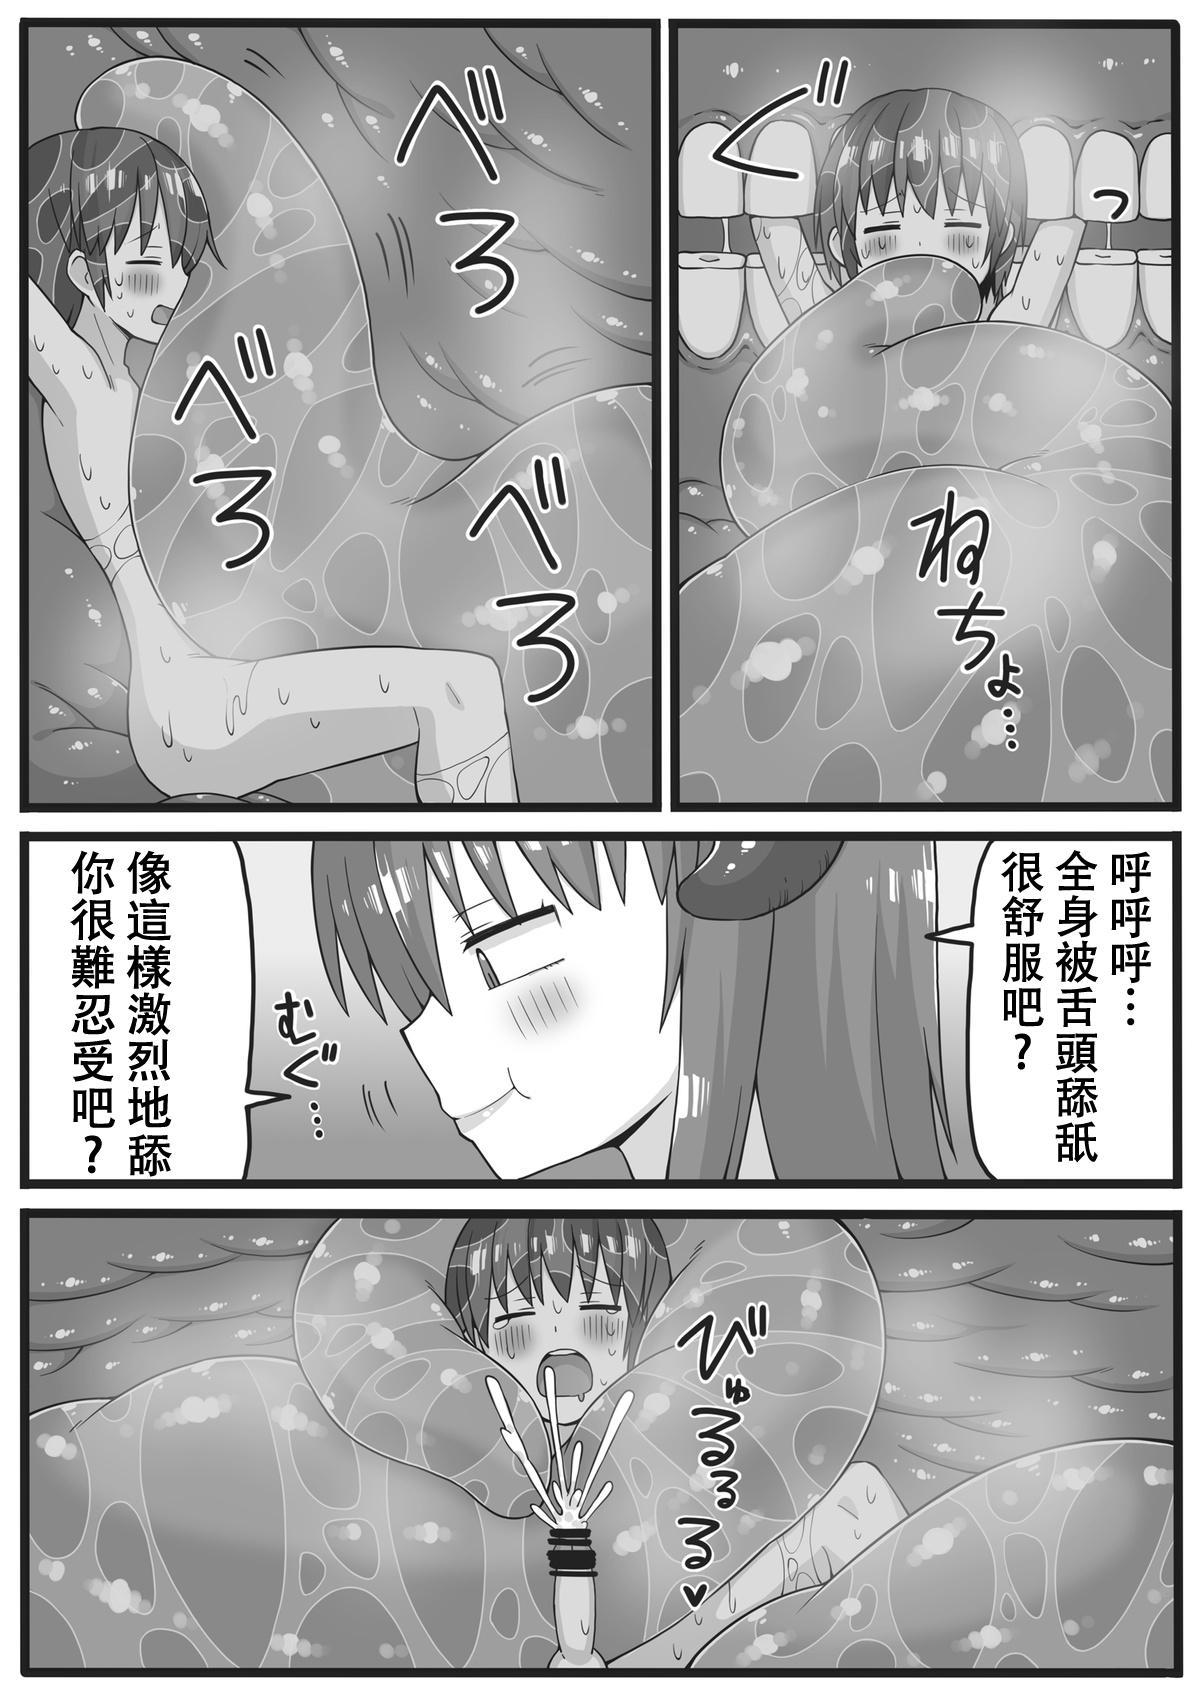 Yuusha ga Chiisaku Ecchi na Koto o Sarete Shimau Manga 26